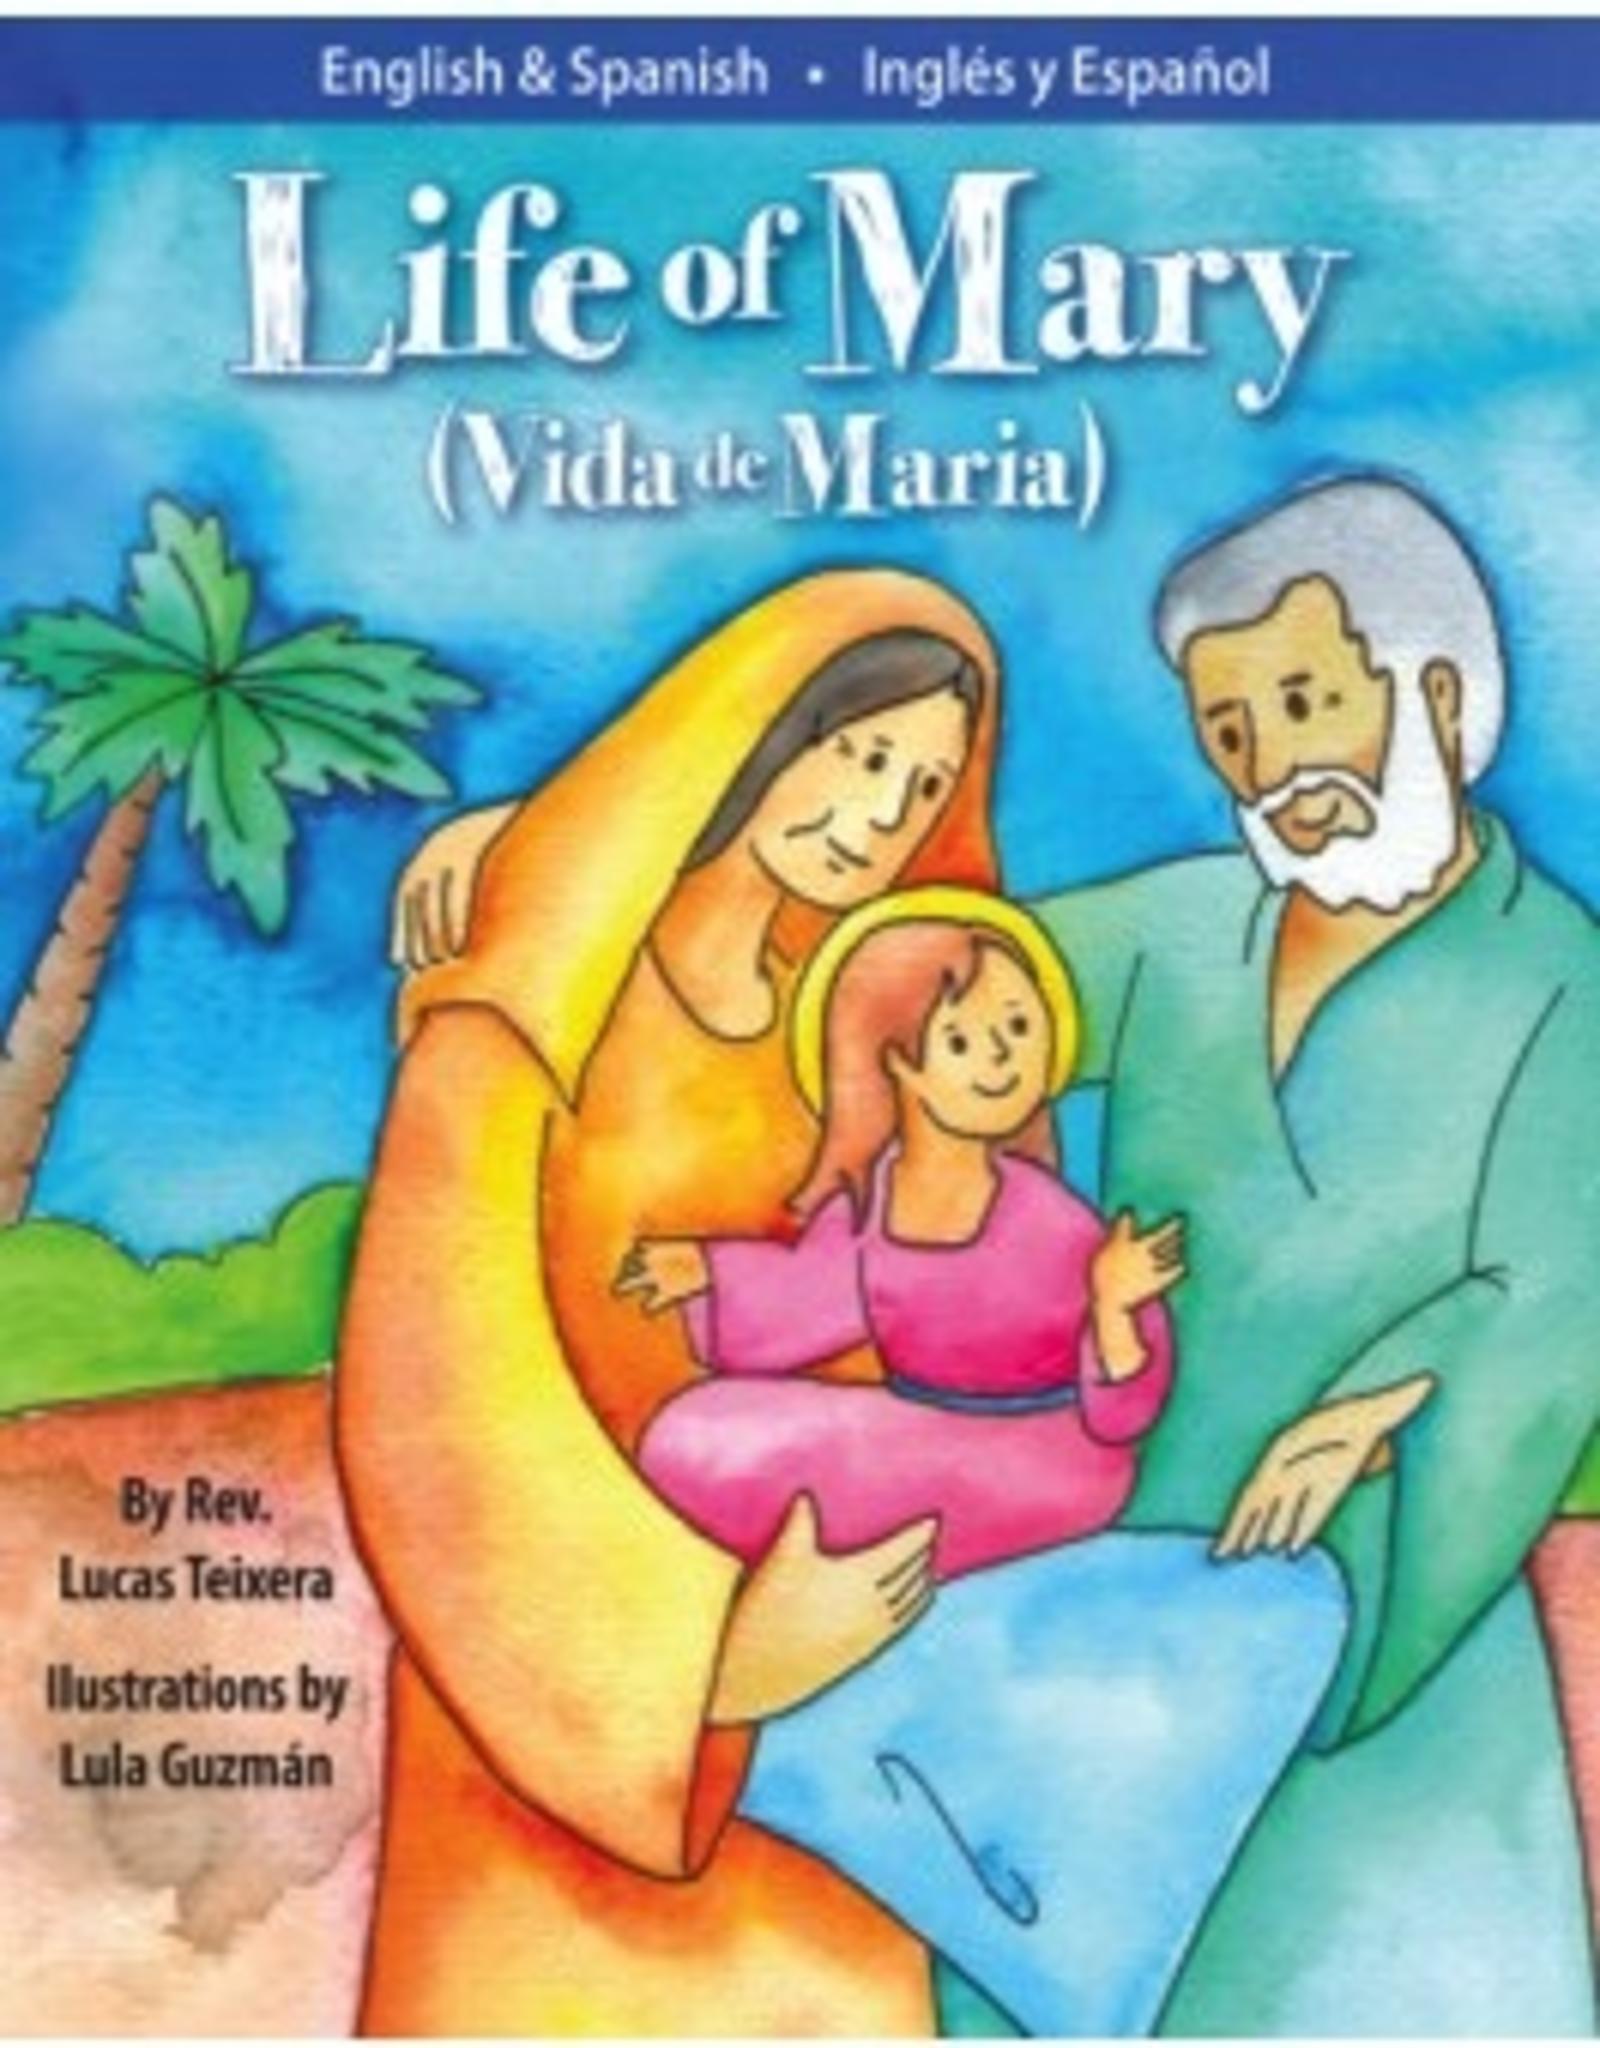 Liguori Vida de MarÌ_a/Life of Mary, by Lucas Teixeira, Illustrated by Lula Guzman (hardcover)